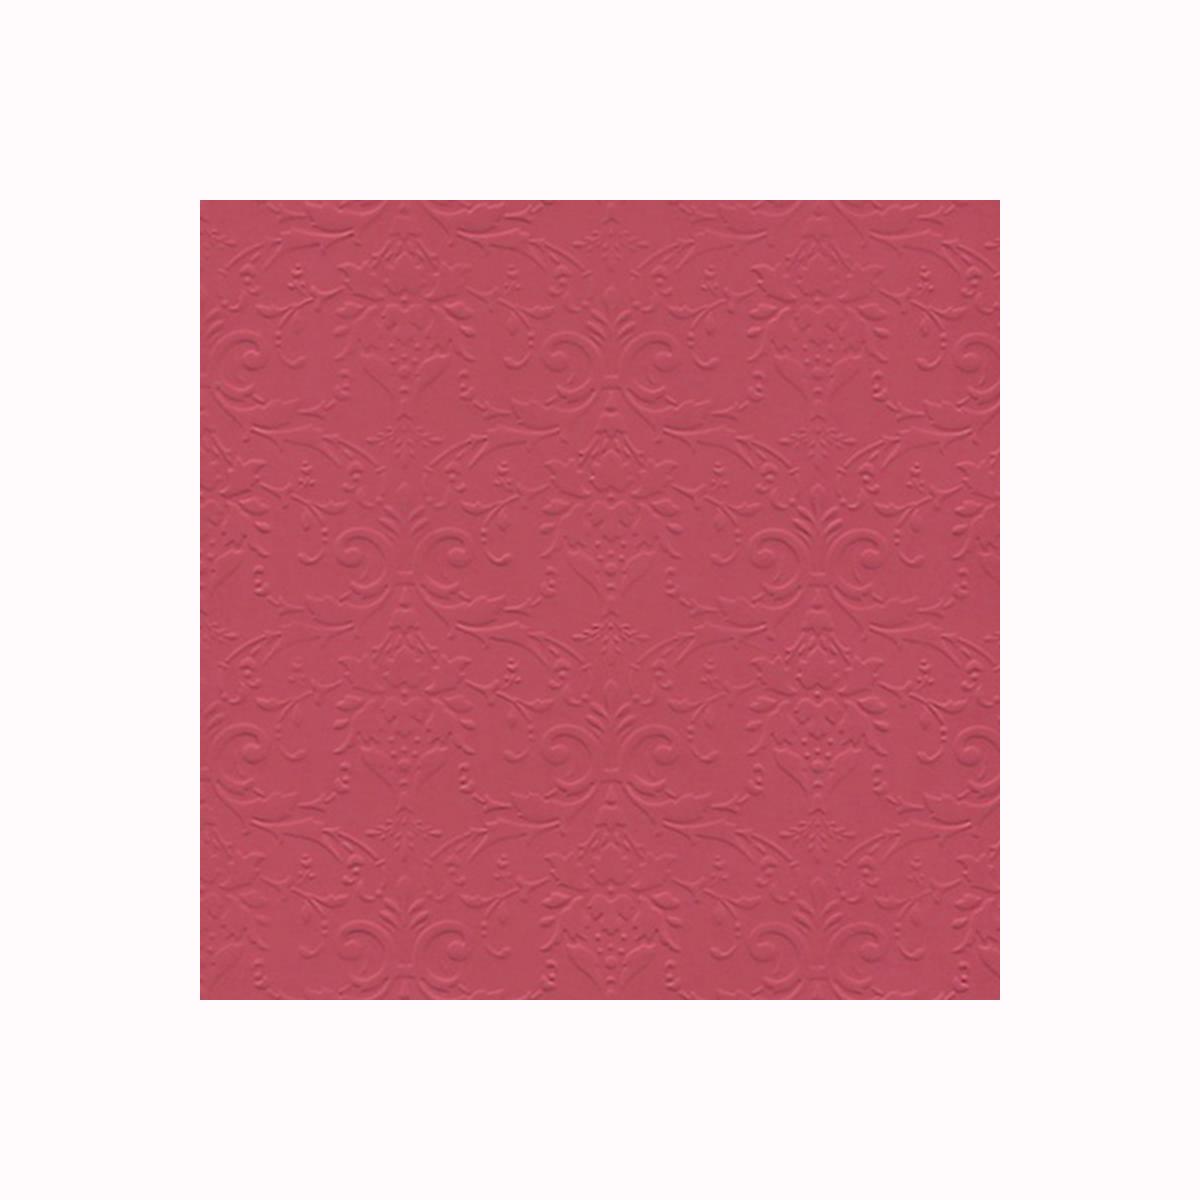 Бумага фактурная Лоза Дамасский узор, цвет: красный, 3 листа09840-20.000.00Фактурная бумага для скрапбукинга Лоза Дамасский узор позволит создать красивый альбом, фоторамку или открытку ручной работы, оформить подарок или аппликацию. Набор включает в себя 3 листа из плотной бумаги. Скрапбукинг - это хобби, которое способно приносить массу приятных эмоций не только человеку, который этим занимается, но и его близким, друзьям, родным. Это невероятно увлекательное занятие, которое поможет вам сохранить наиболее памятные и яркие моменты вашей жизни, а также интересно оформить интерьер дома.Плотность бумаги: 200 г/м2.